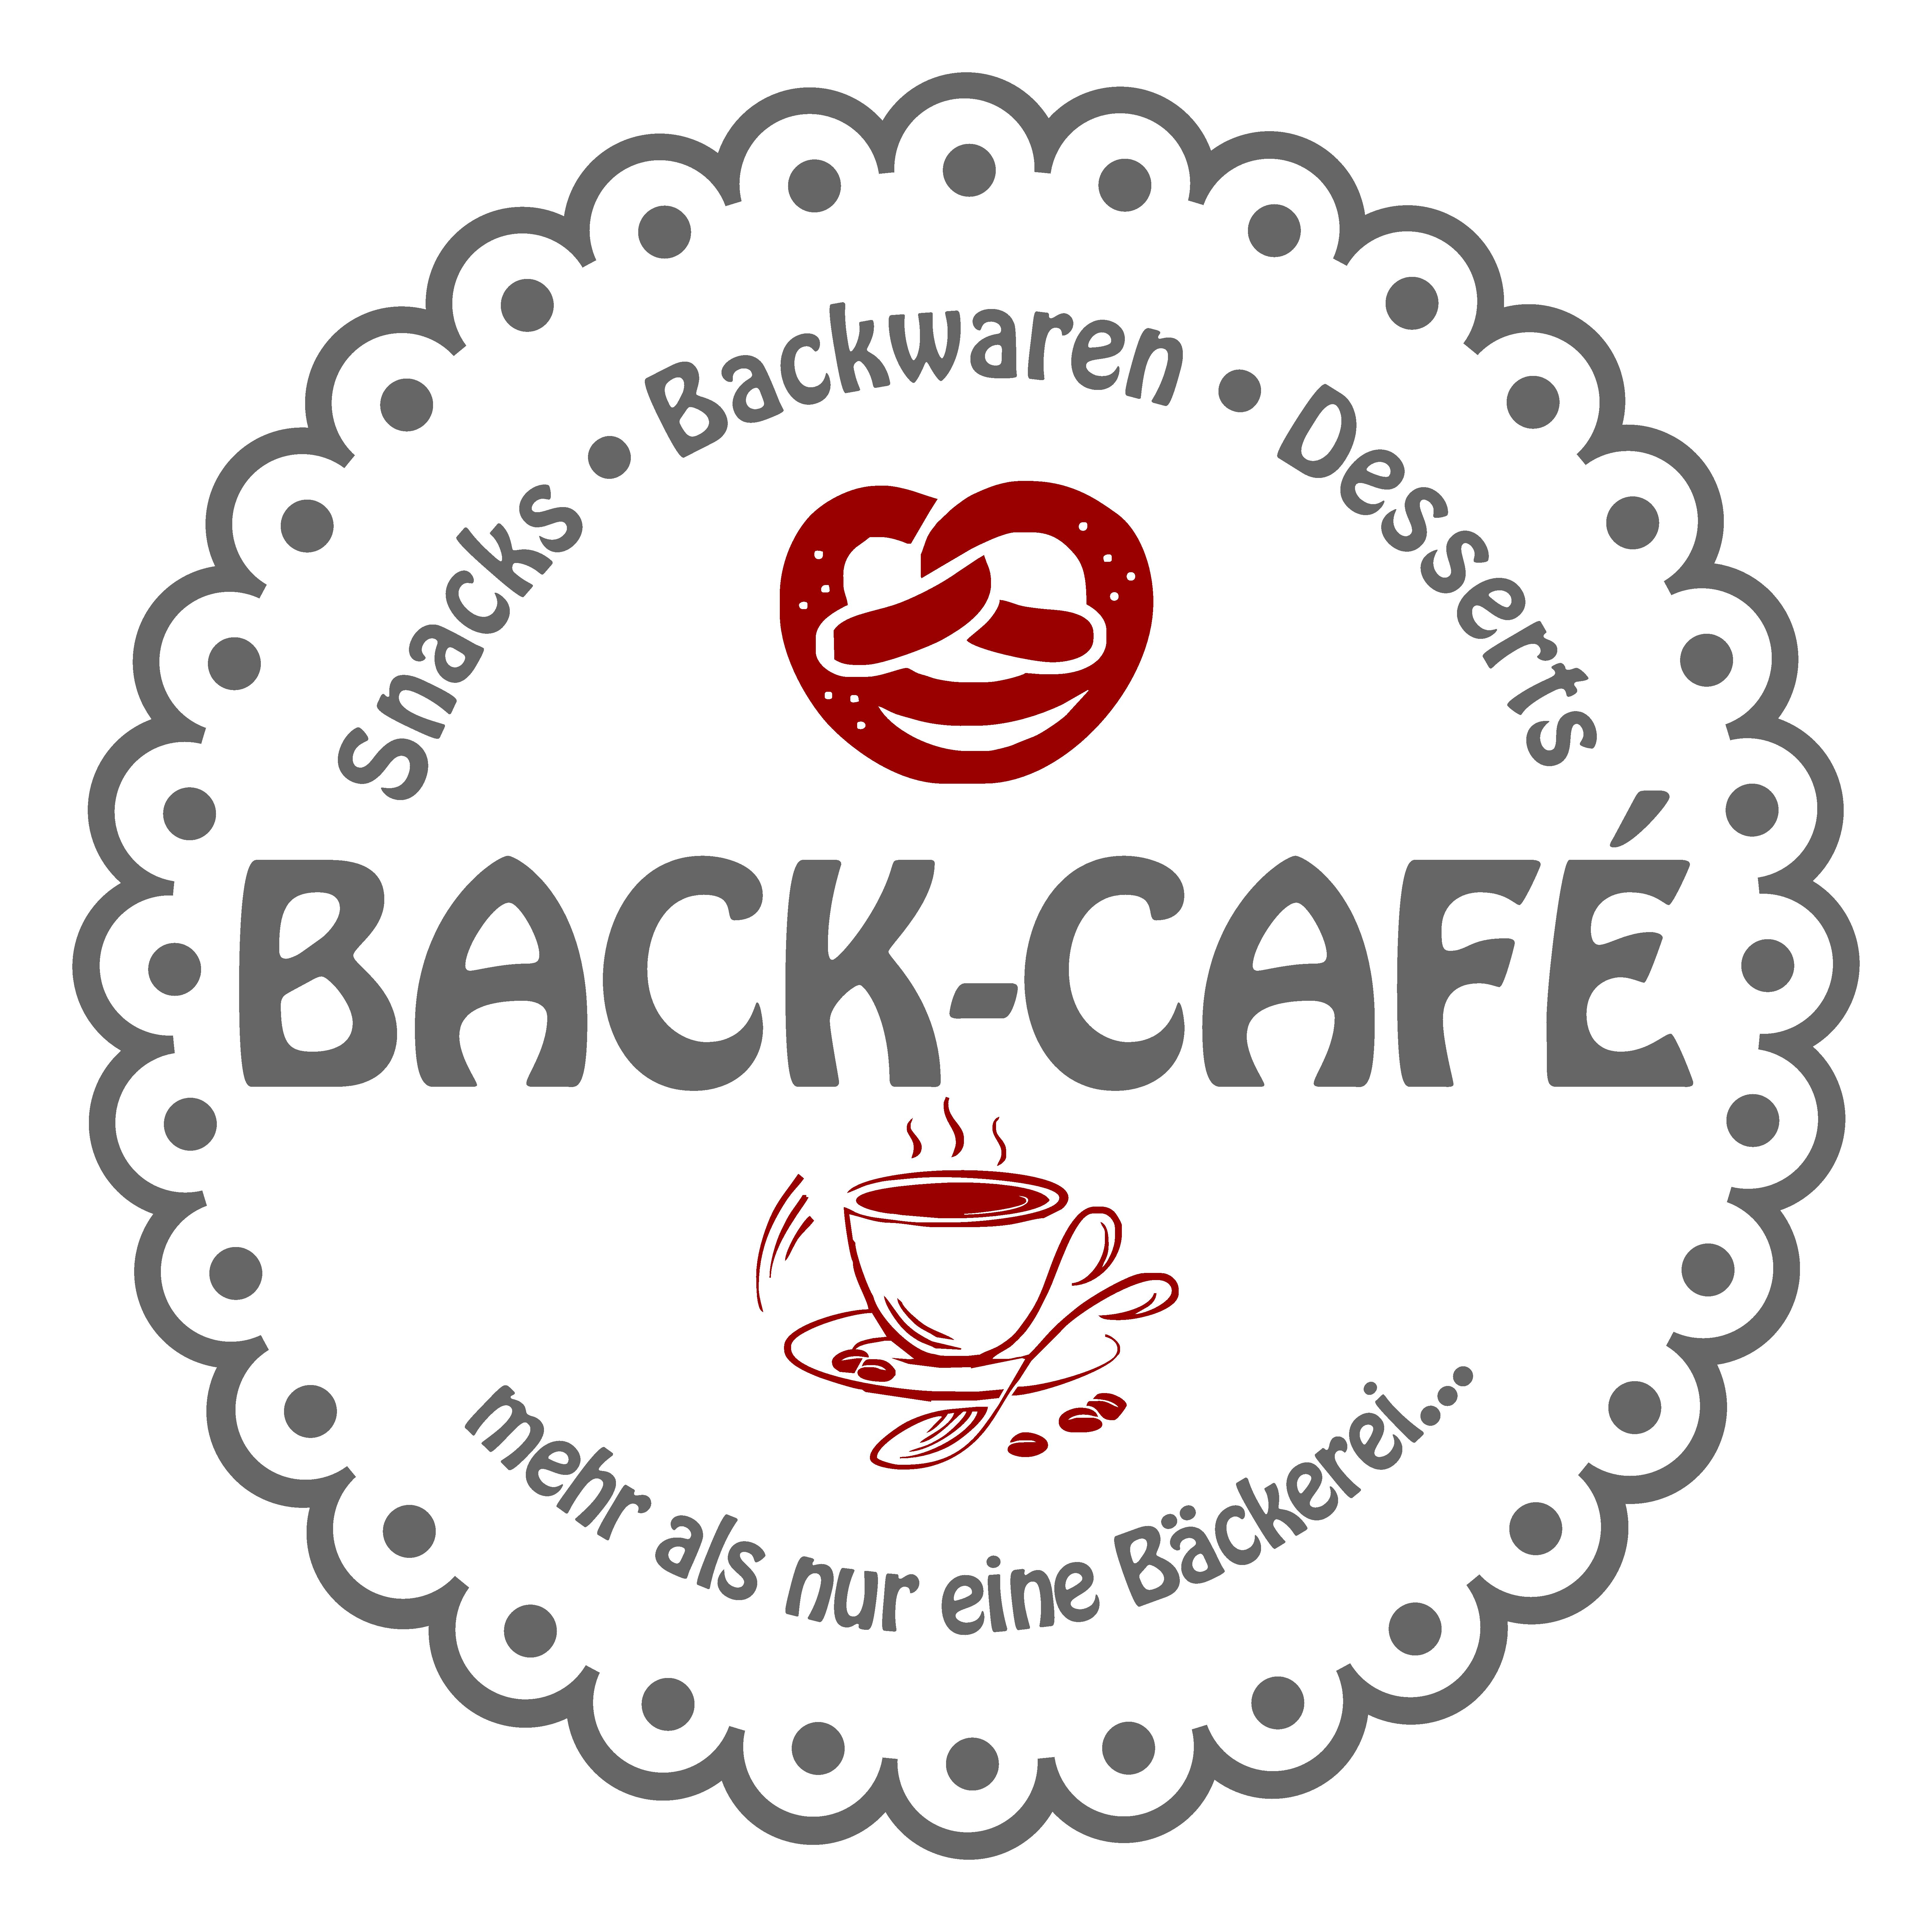 Back-Café